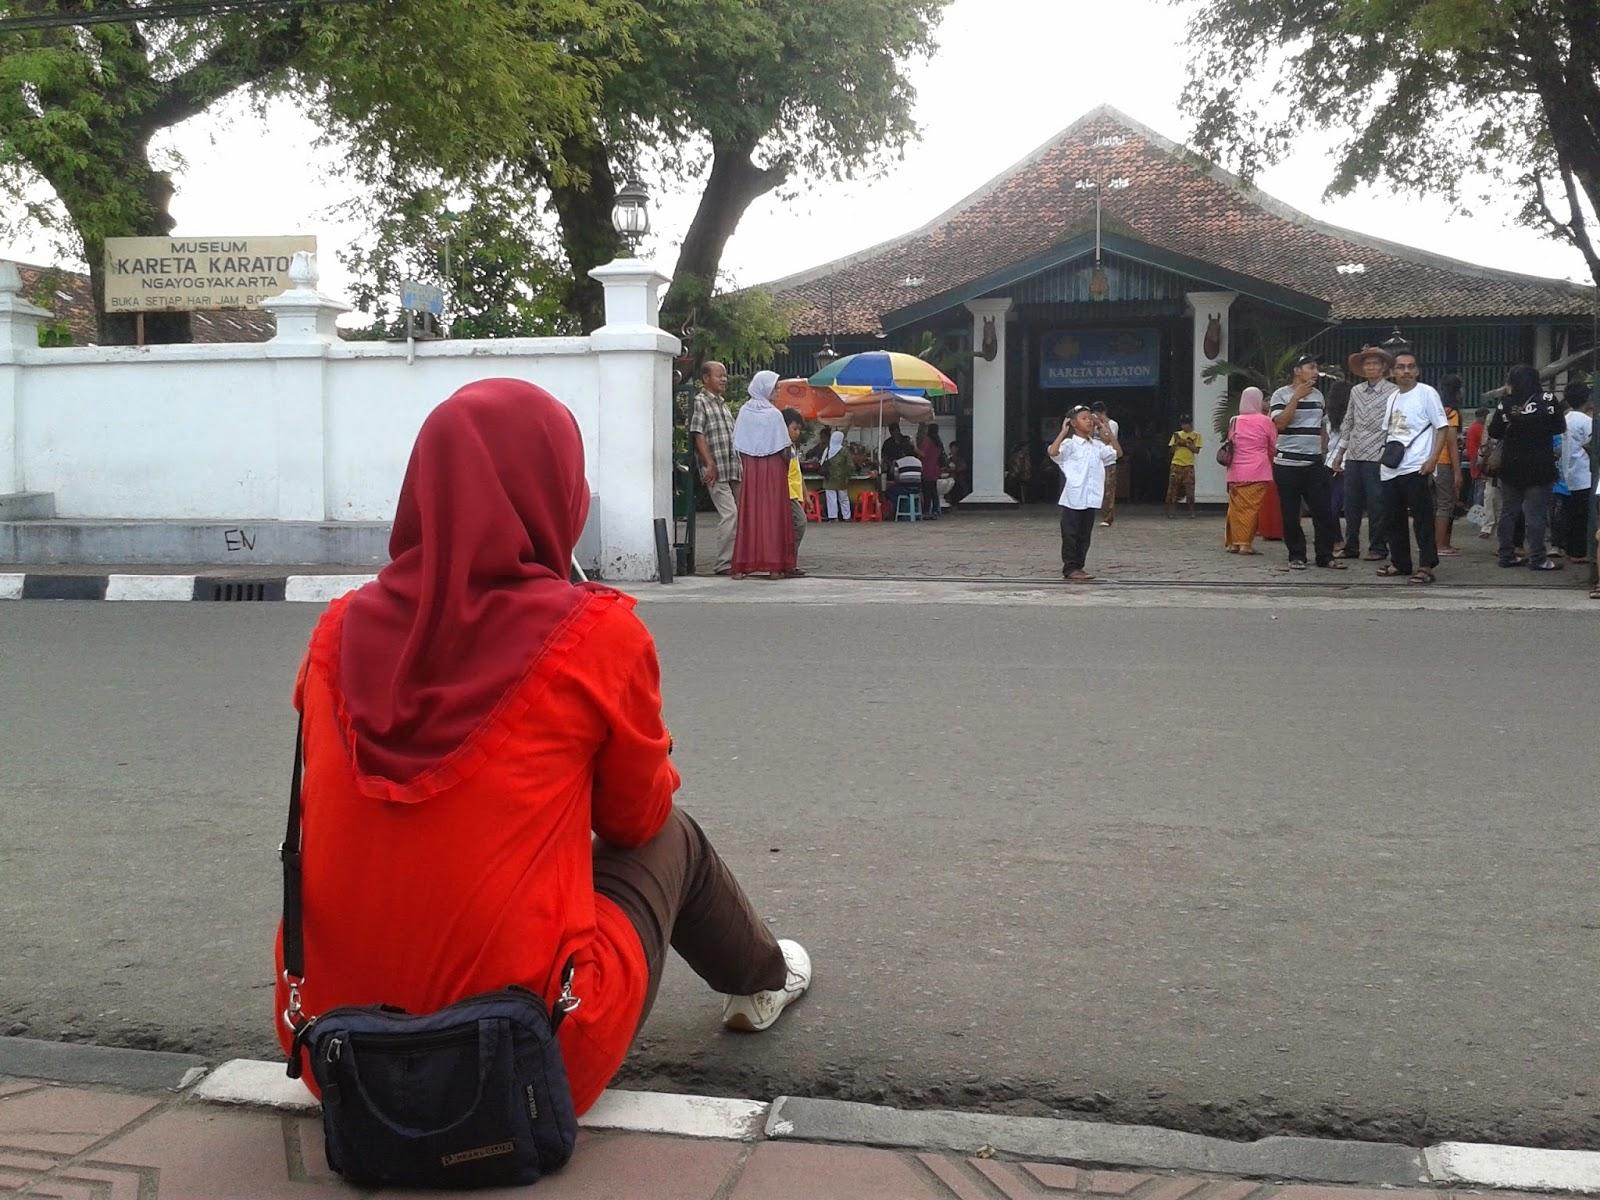 Menunggu teman di depan pintu gerbang Museum Kareta Keraton